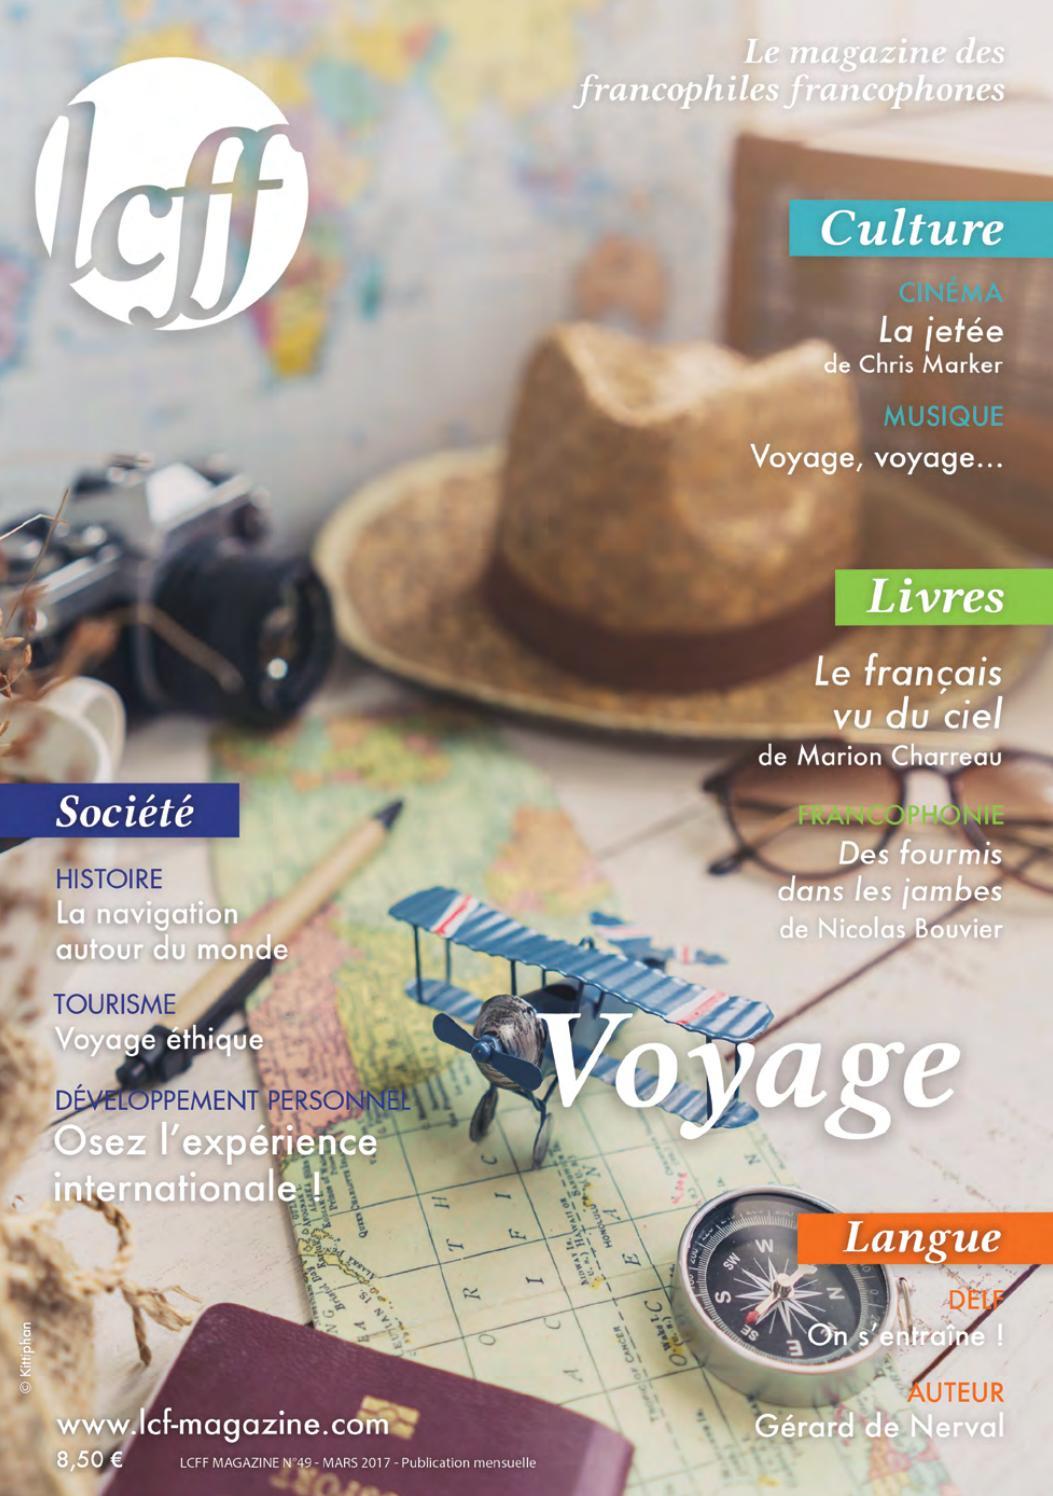 Lcff Magazine N 49 Voyage By Lcff Issuu